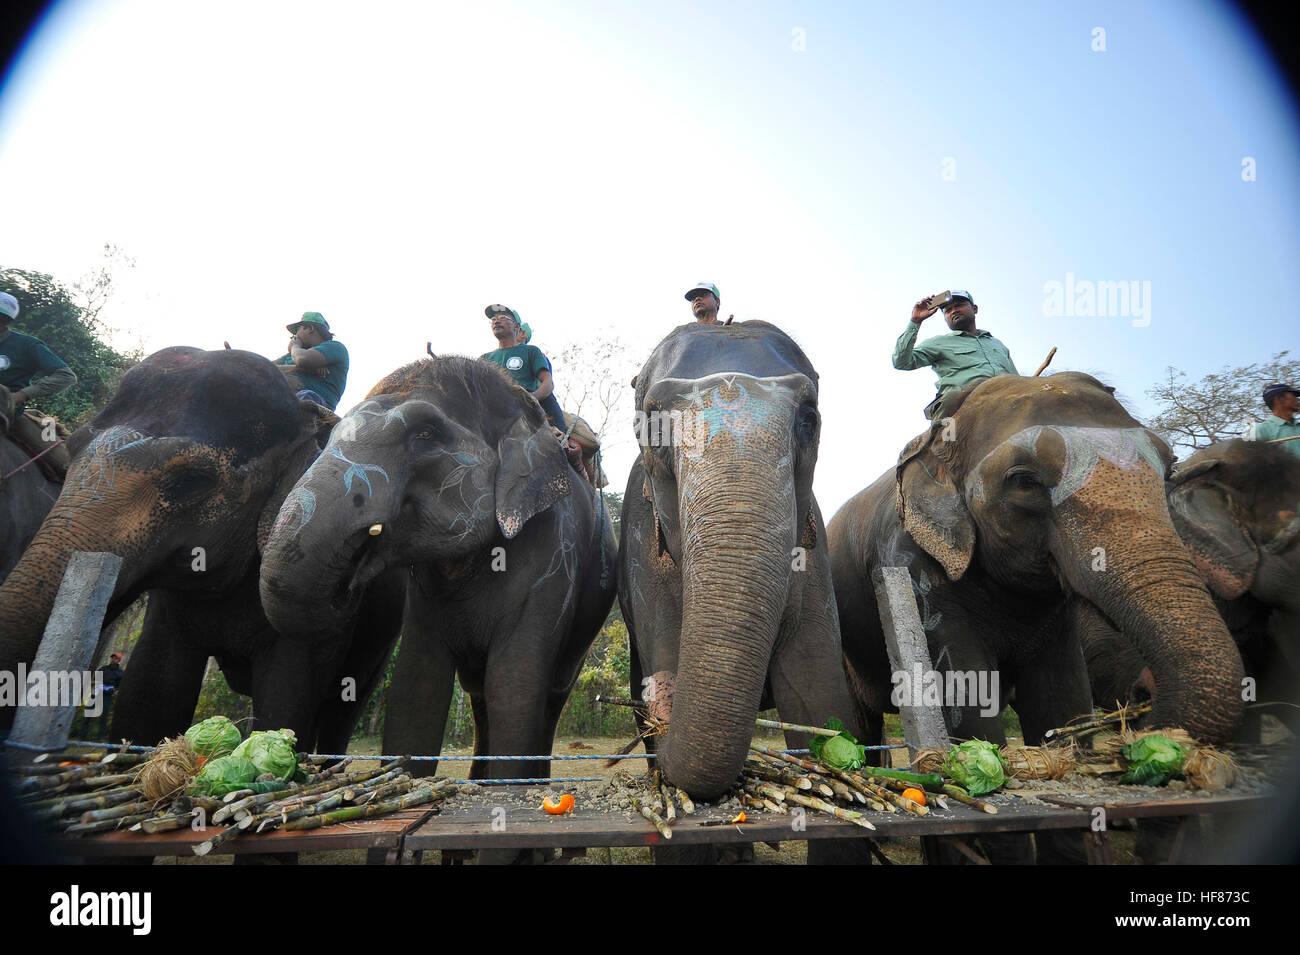 kathmandu nepal 27th dec 2016 elephants enjoying various types